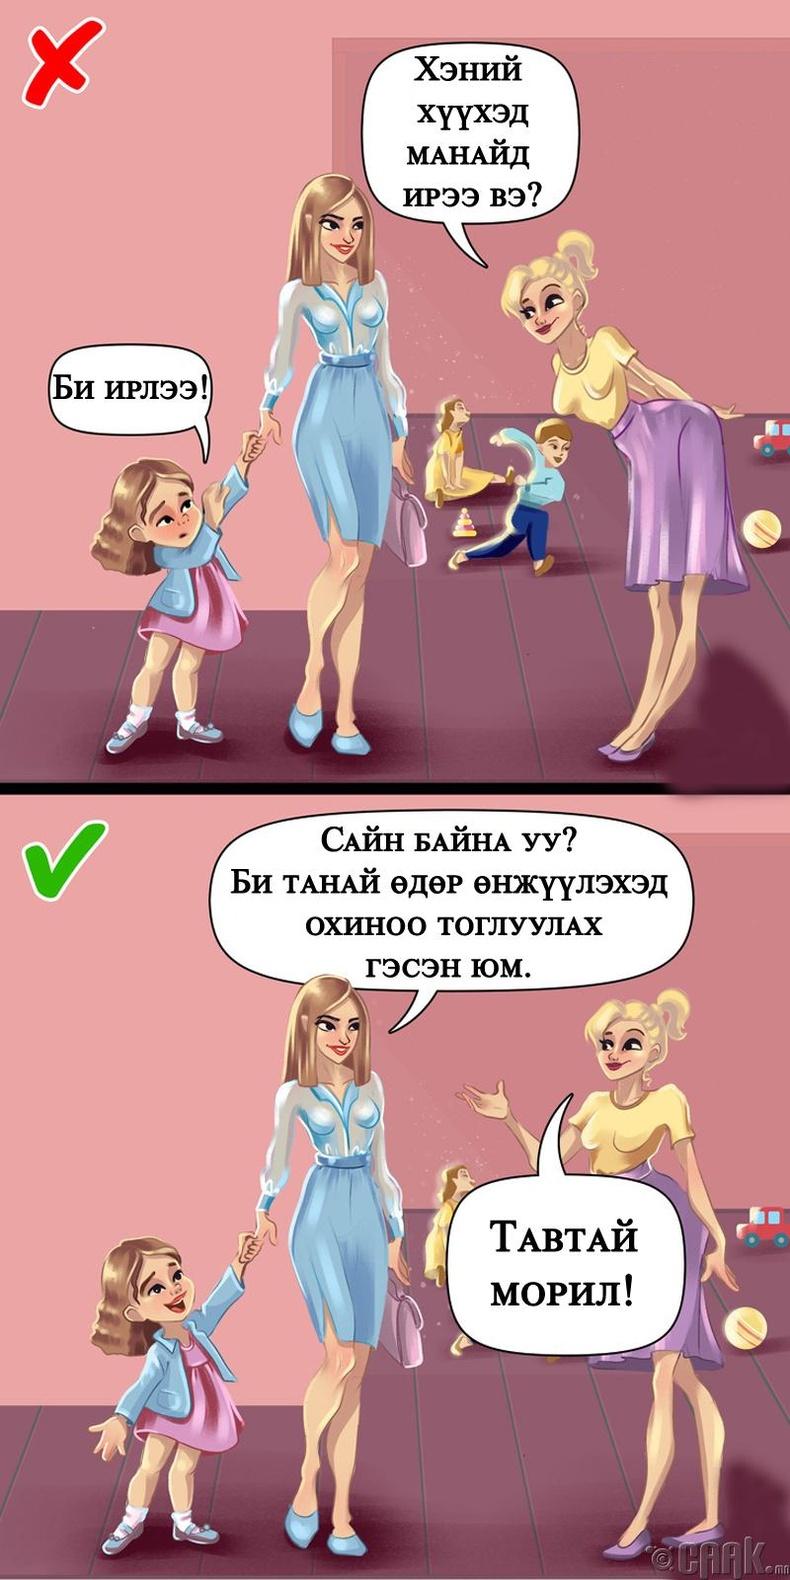 Хүүхдээ нийгэмшүүл